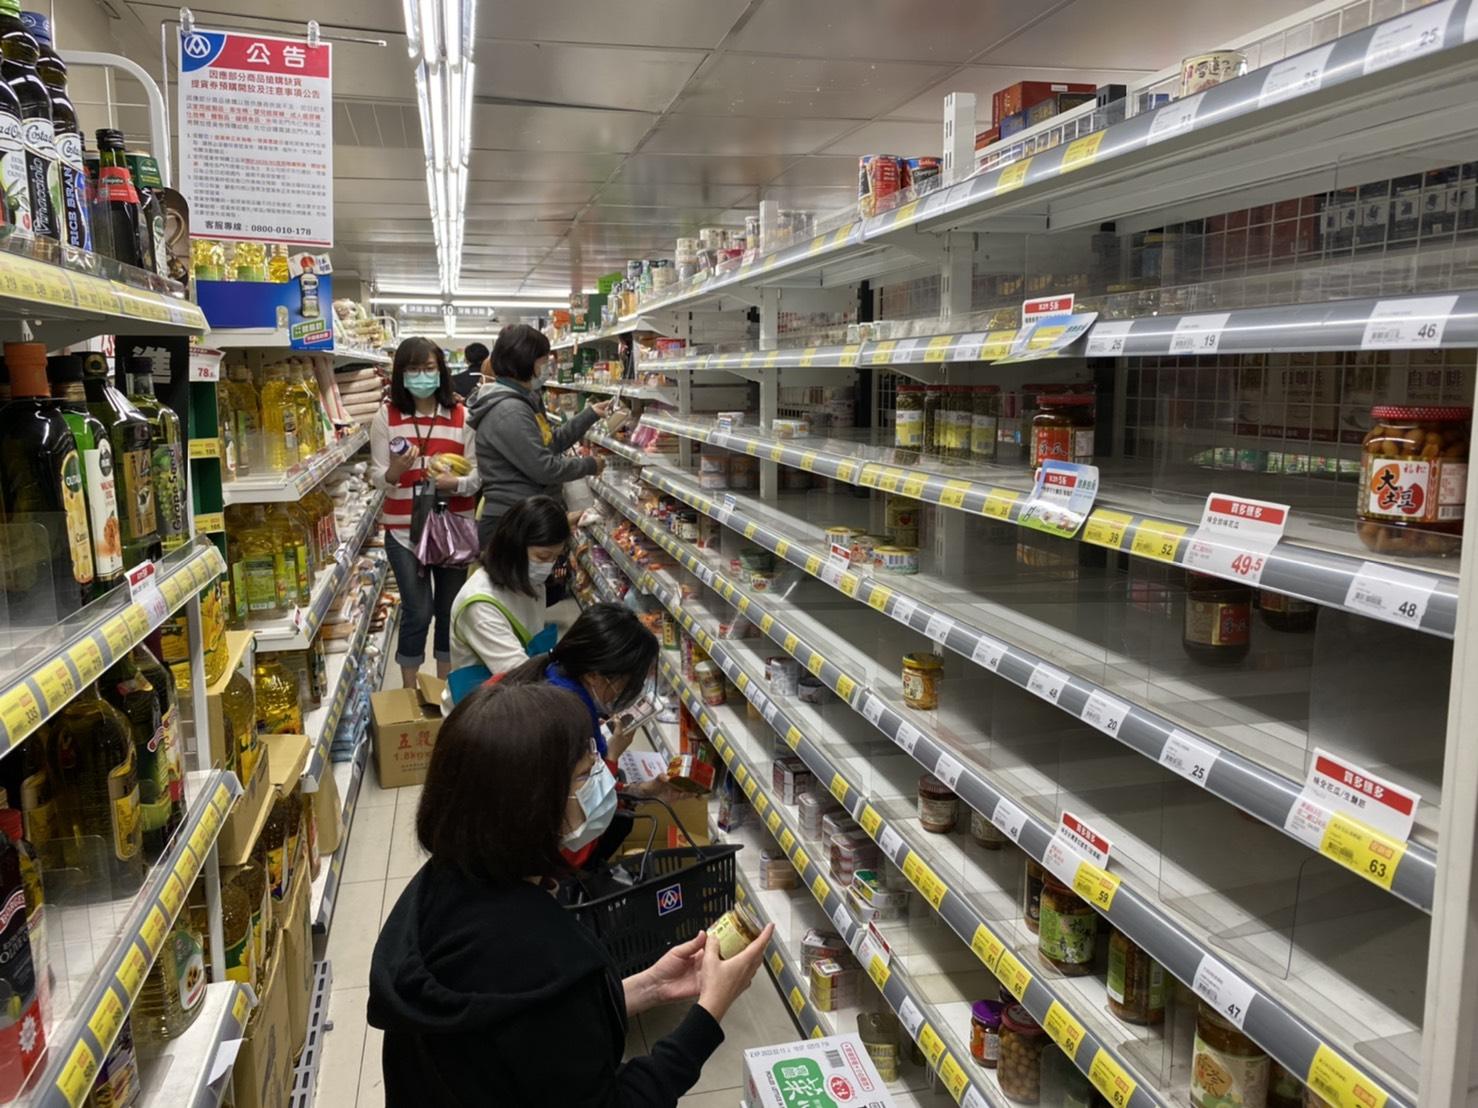 連蔡英文、陳時中都呼籲不必搶物資,台灣人到底在怕什麼?心理師分析:三大原因催化搶購潮